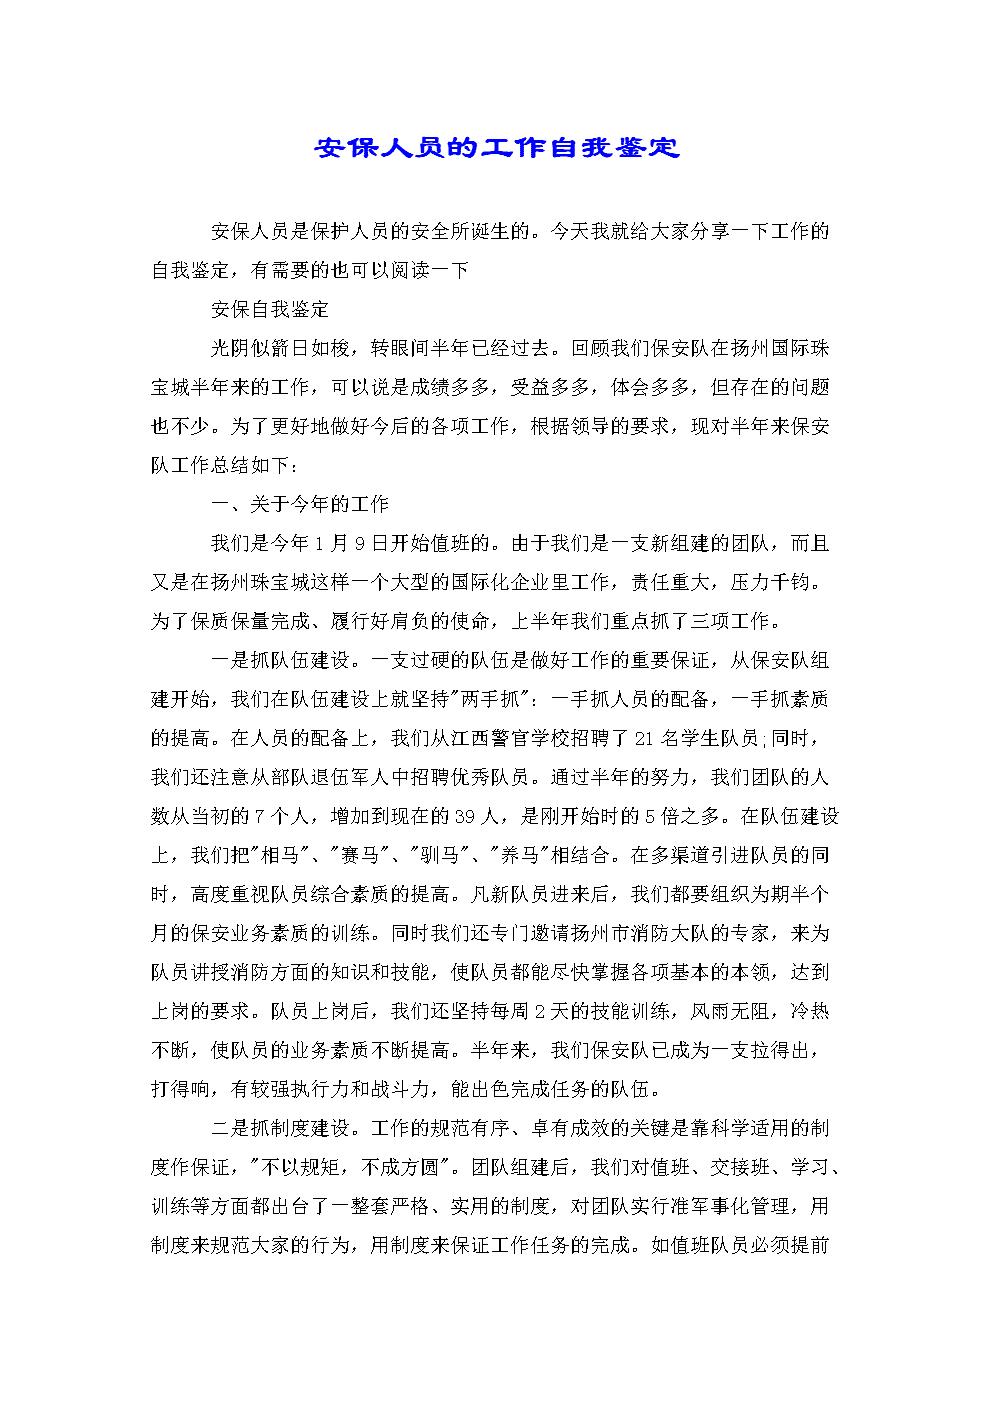 安保人员的工作自我鉴定.doc